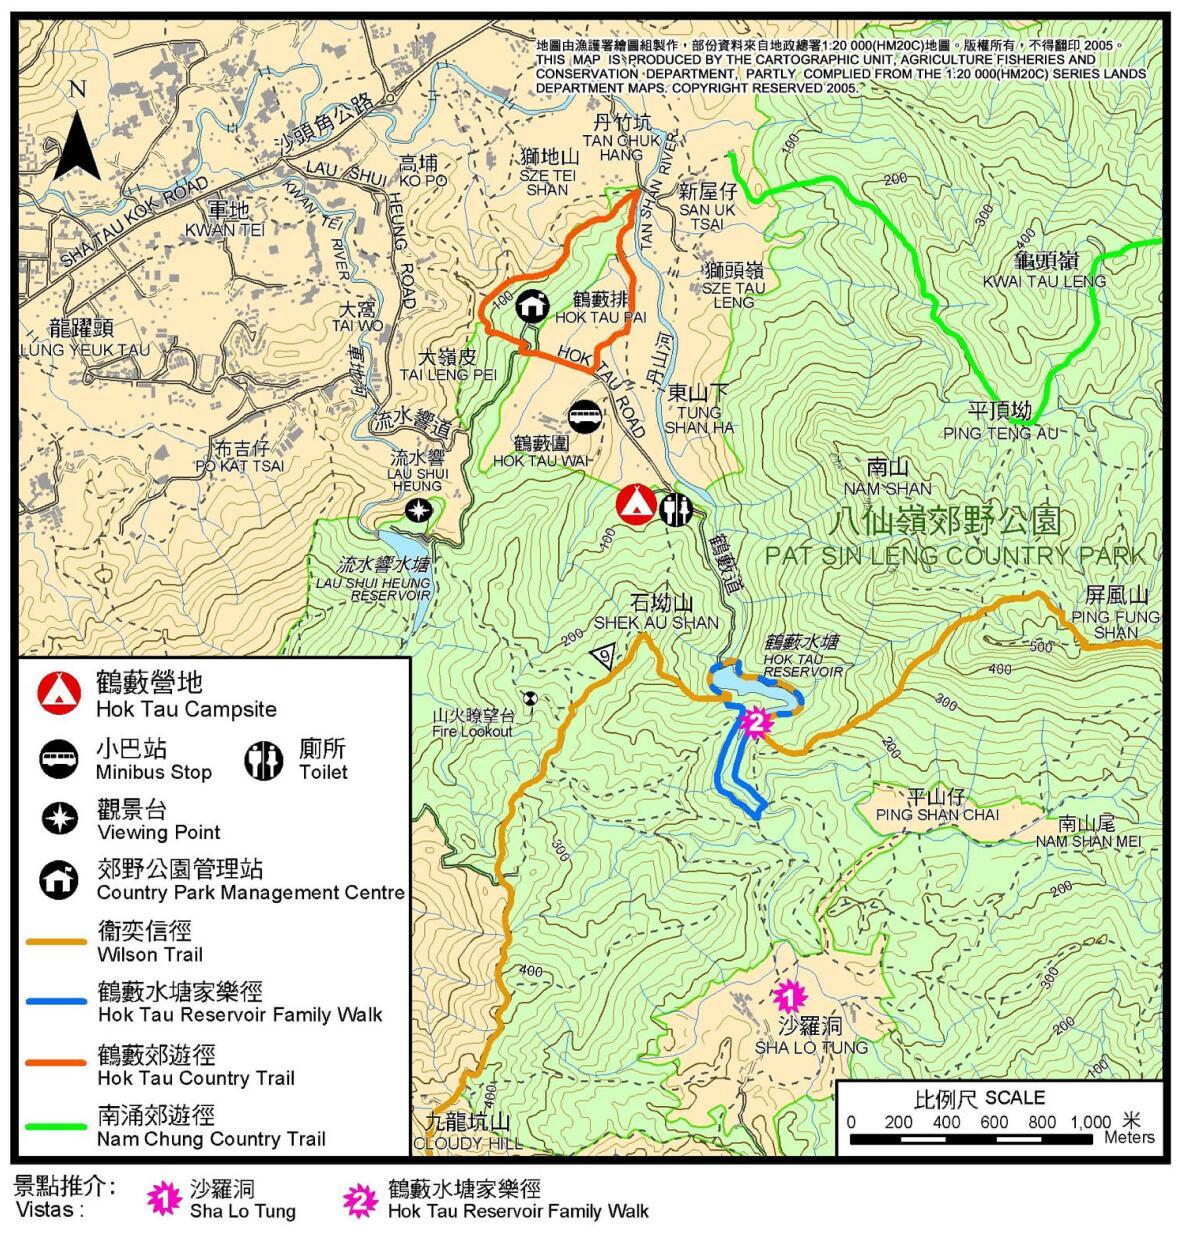 鶴藪營地地圖